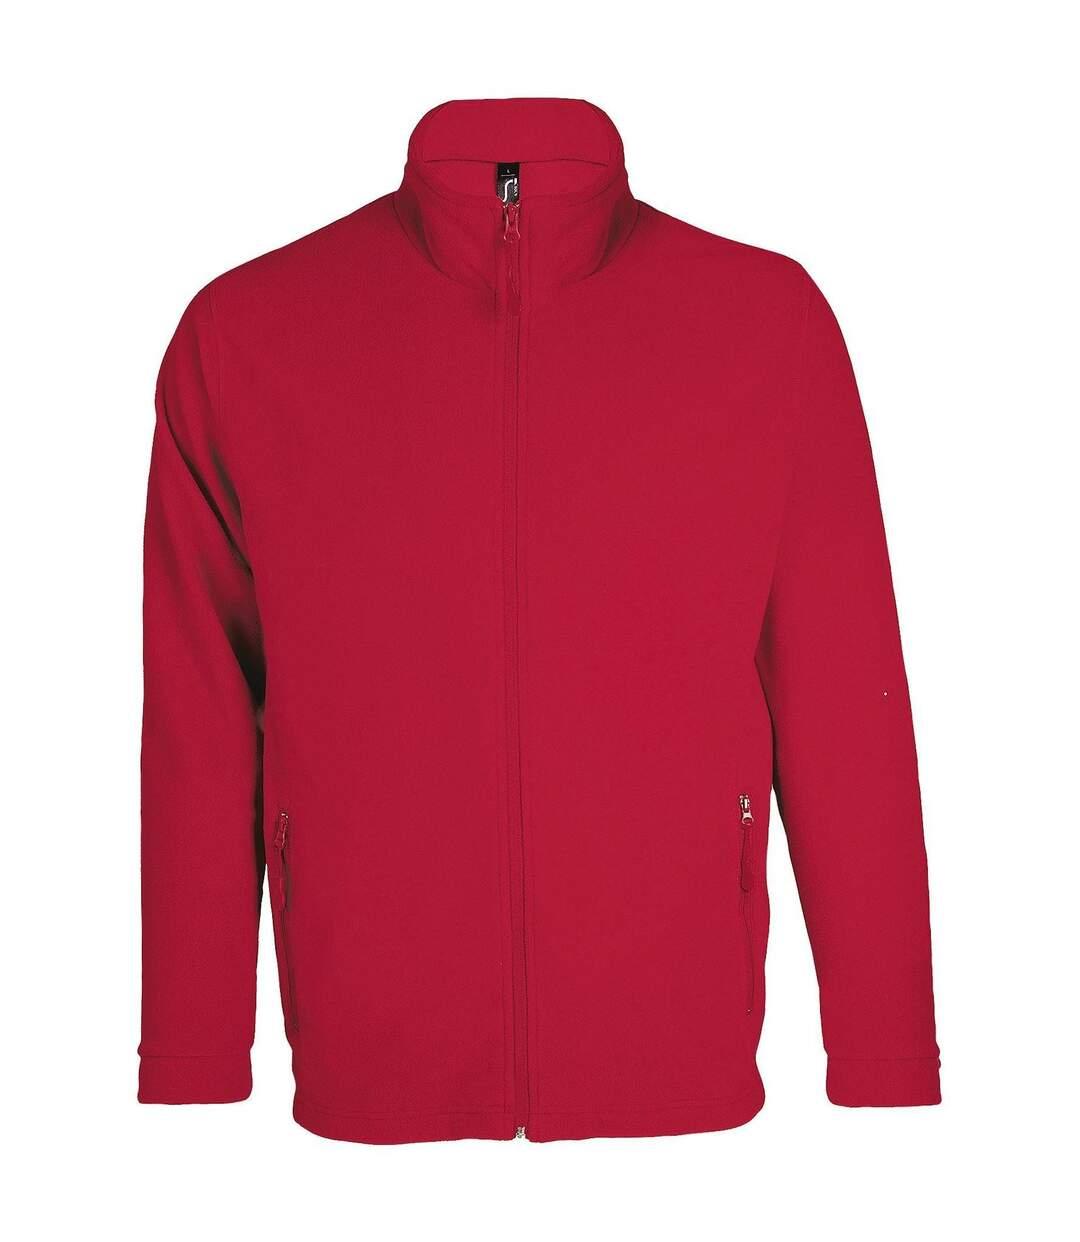 Veste micropolaire zippée homme - 00586 - rouge